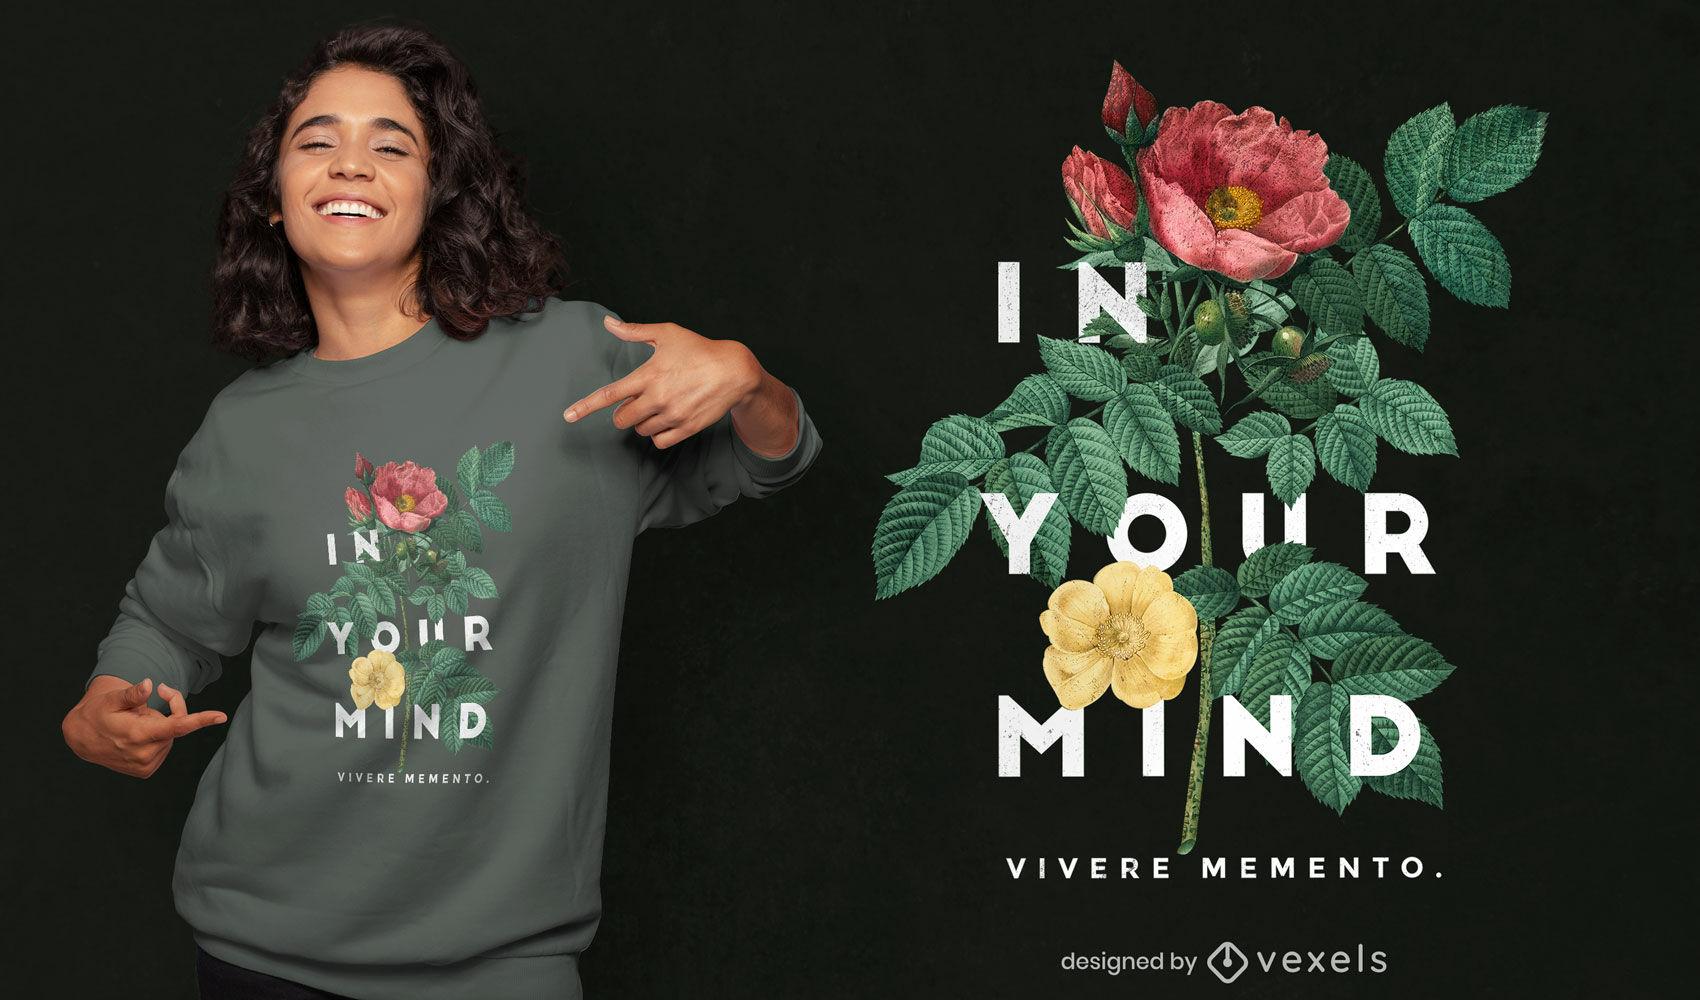 Camiseta fotogr?fica flores y hojas psd